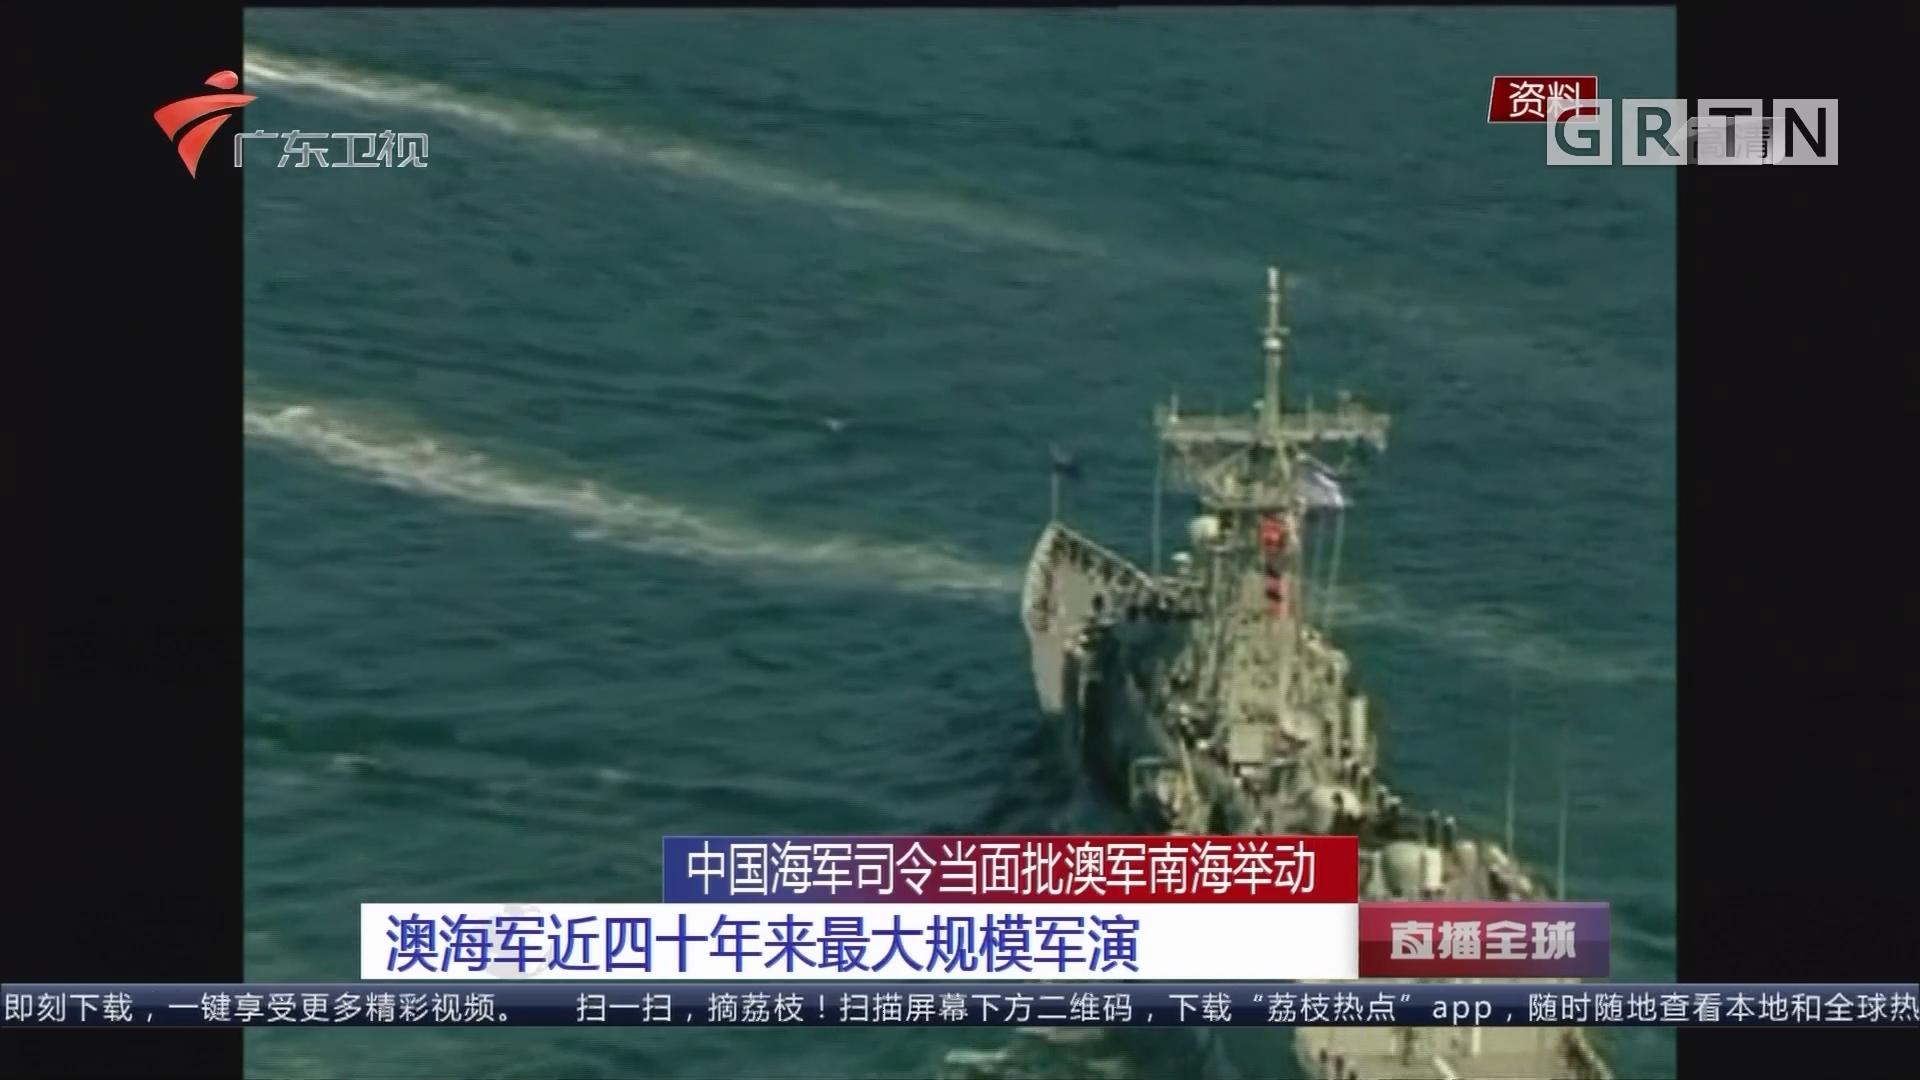 中国海军司令当面批澳军南海举动:澳海军近四十年来最大规模军演